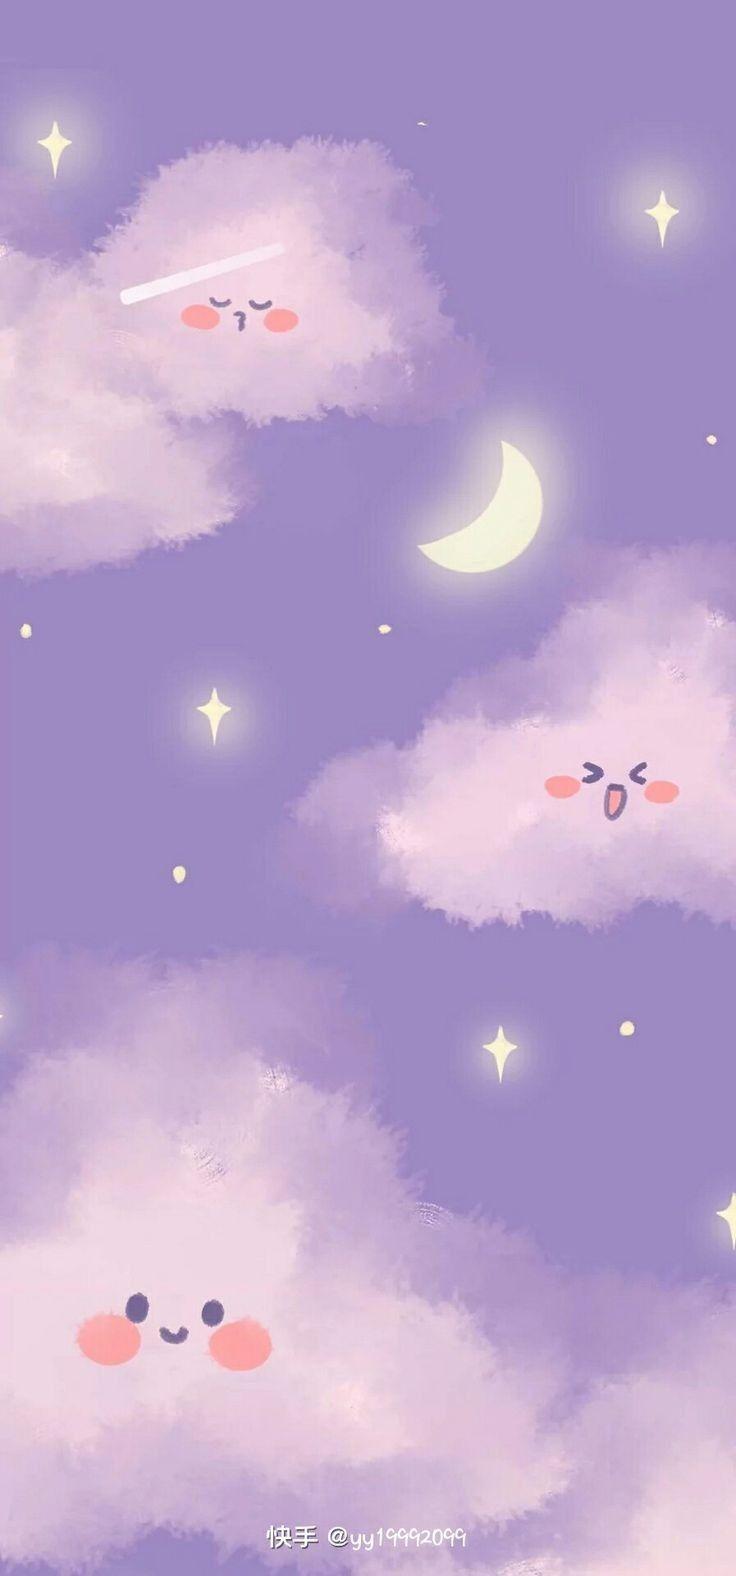 Pin Oleh Sirvia Amoy Di Fondos Wallpaper Iphone Ungu Wallpaper Pemandangan Anime Galaxy Wallpaper Download wallpaper anime ungu